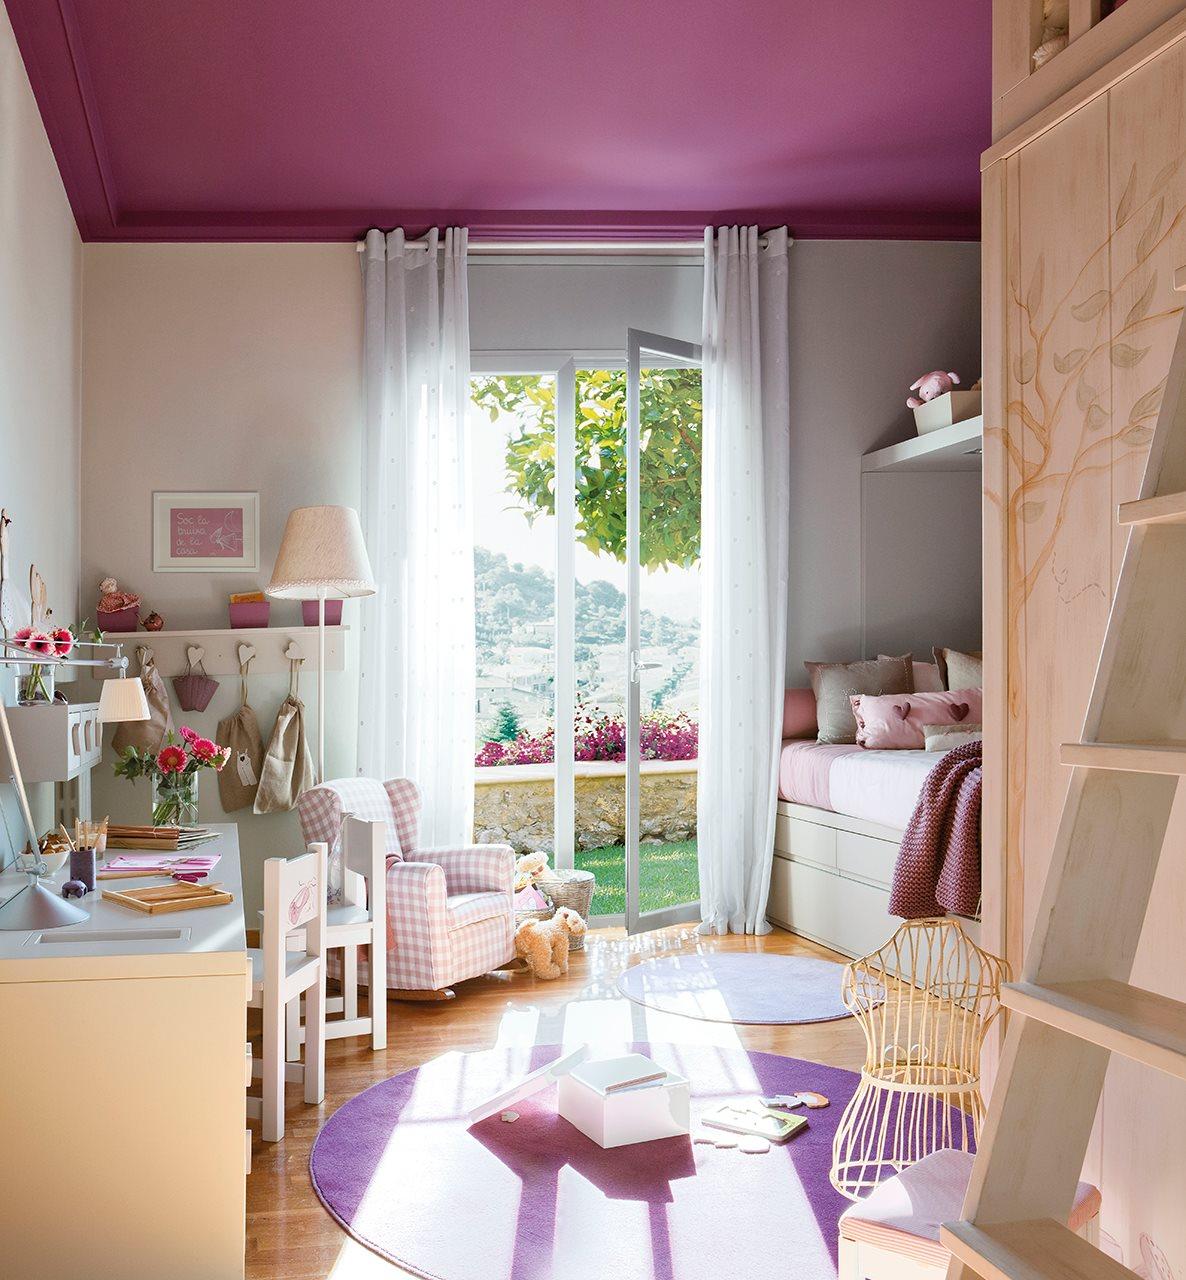 dormitorio infantil con techo en violeta luminoso dormitorio infantil con escritorio y ventanal hacia el